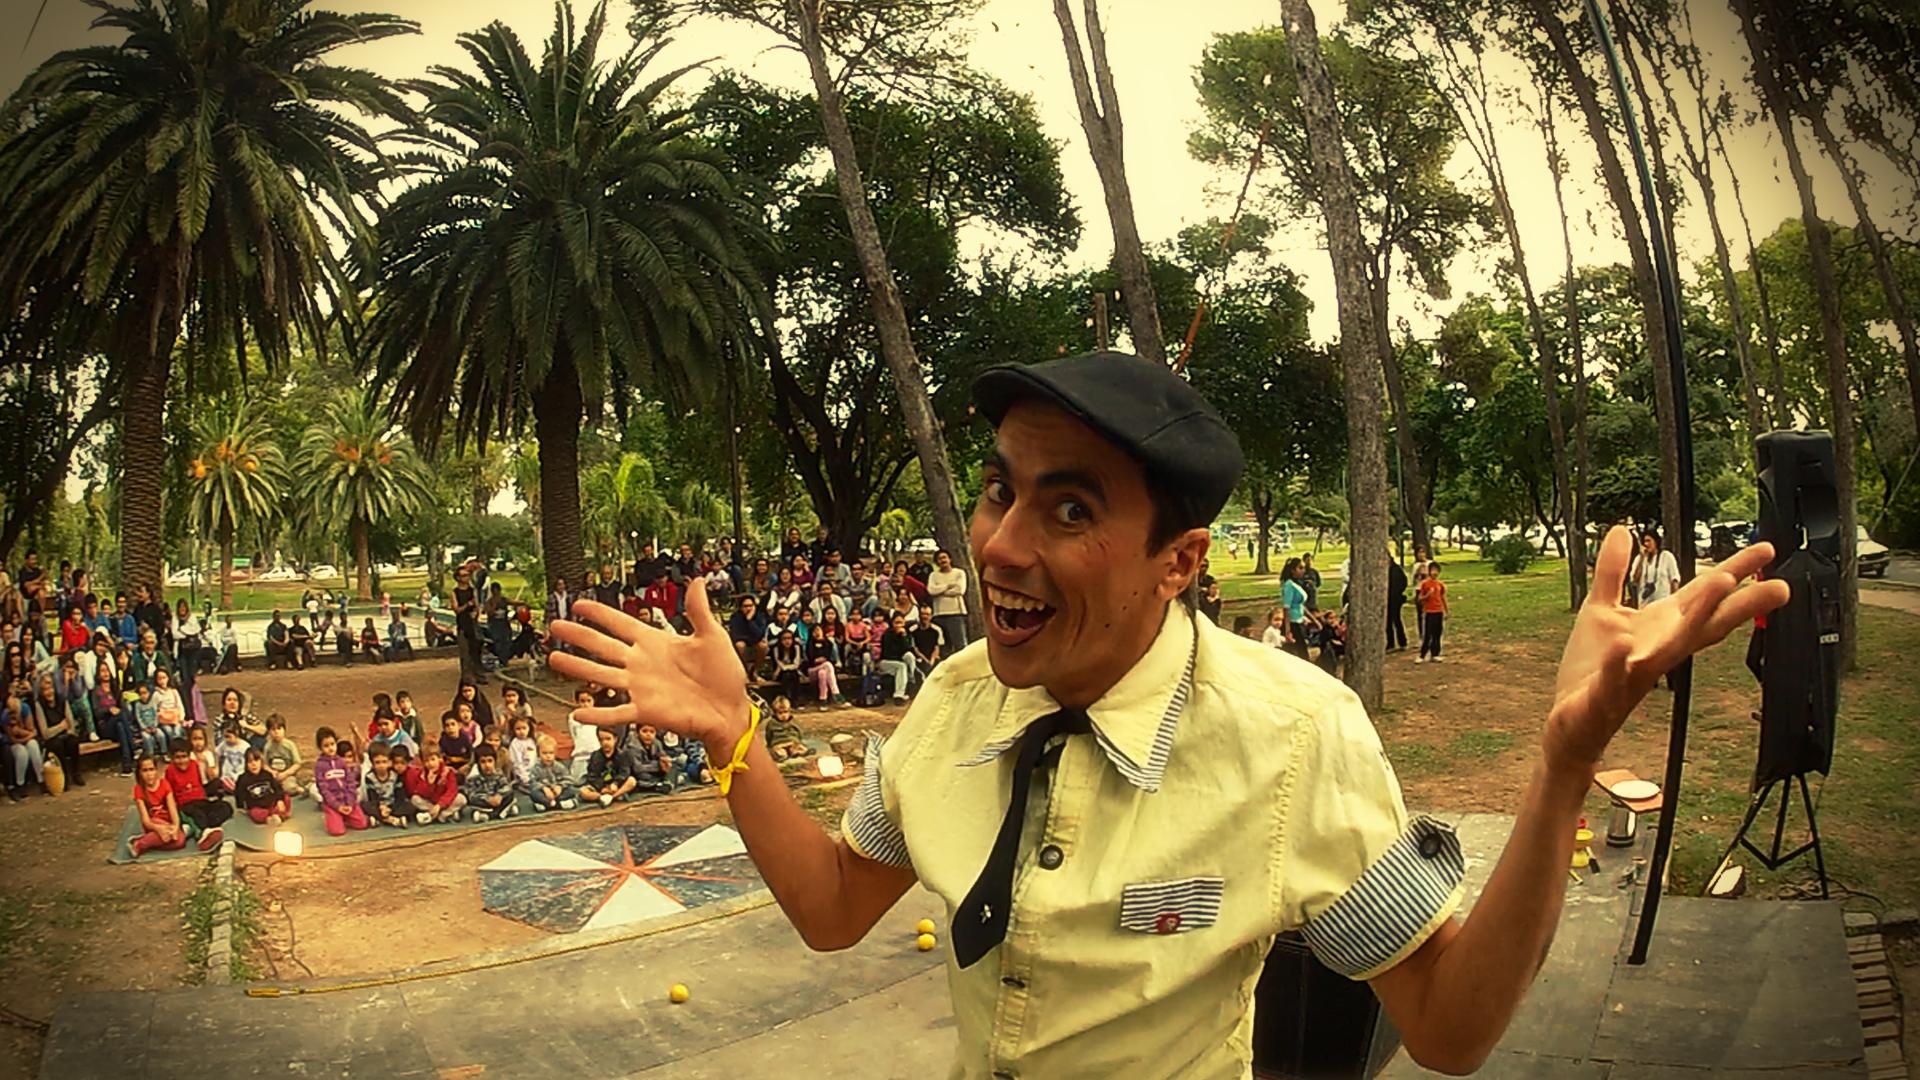 Wakamola en Parque Sarmiento 01